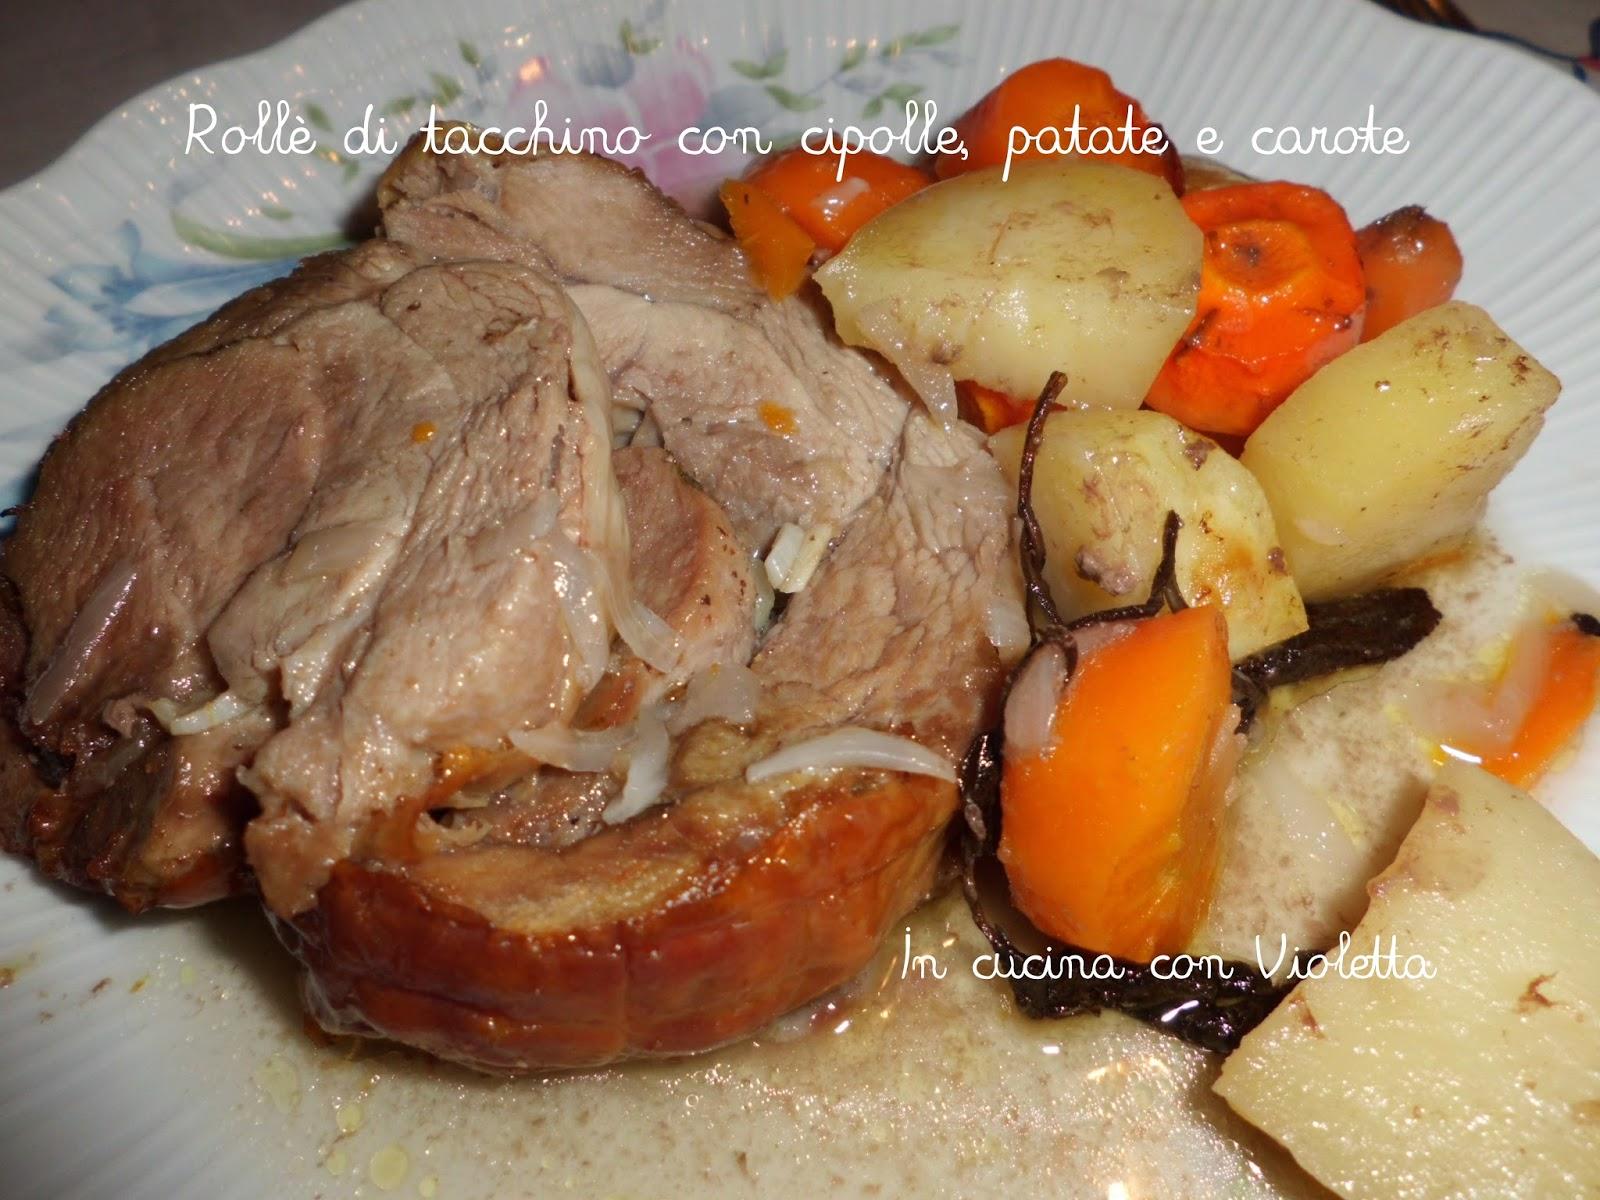 In Cucina Con Violetta: Rollé di Tacchino